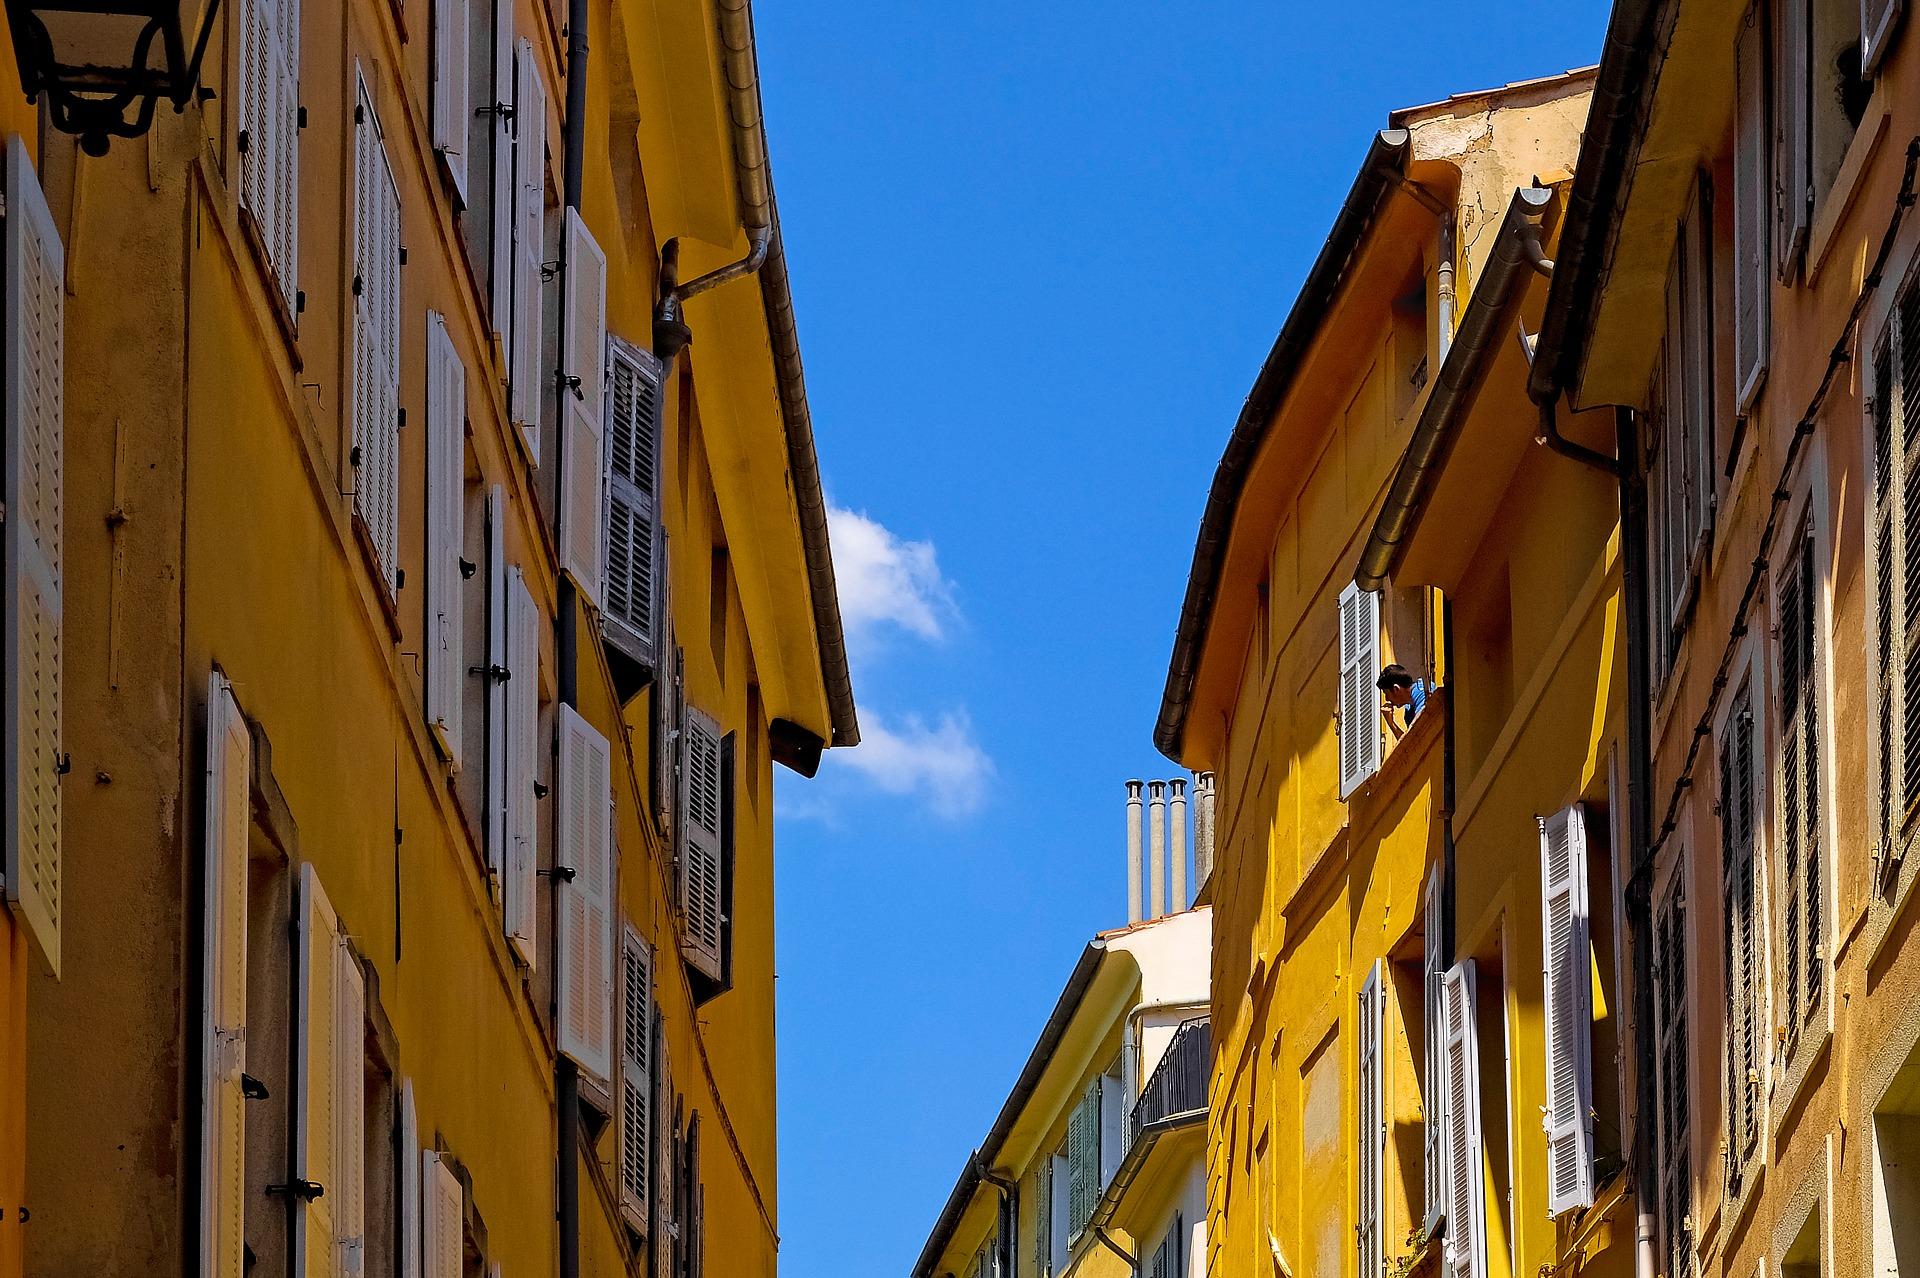 Aix_en_Provence_architecture_CC0.jpg?1545811818